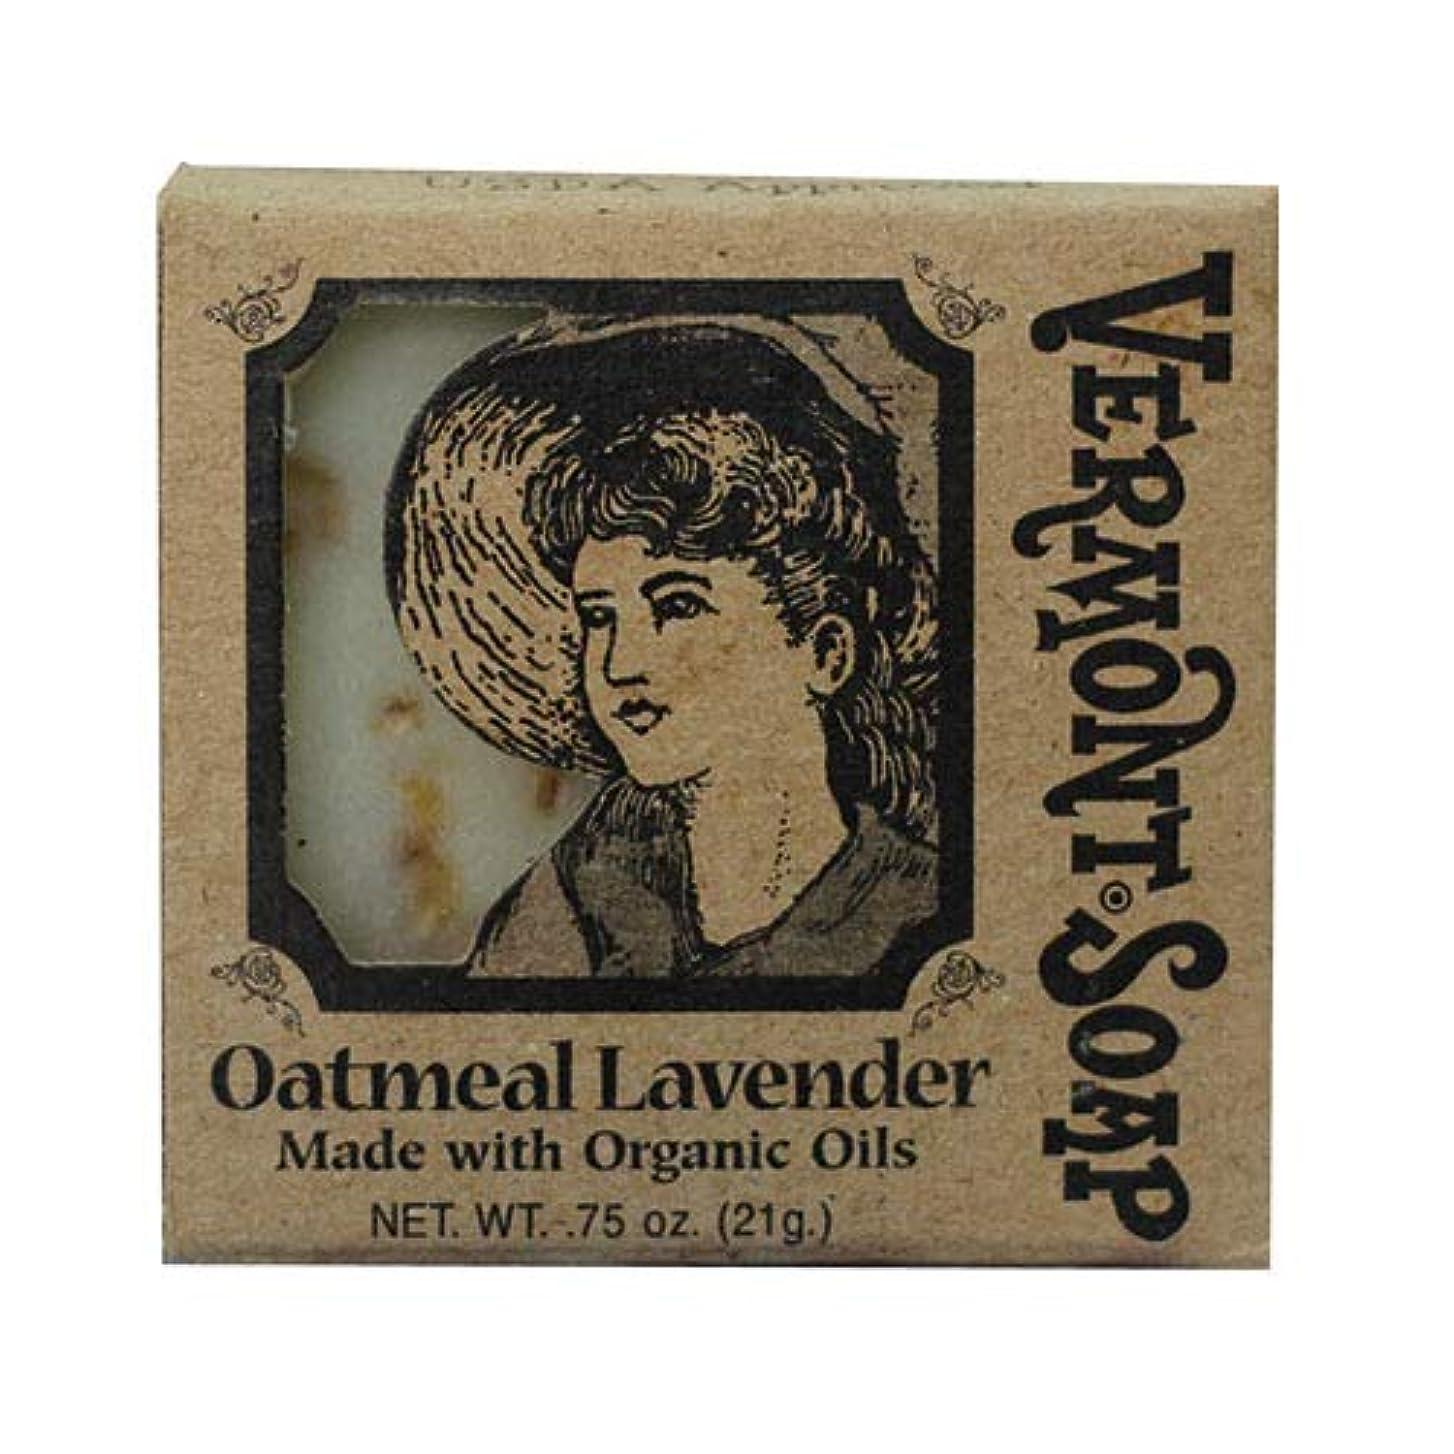 魅力的欠員賃金VermontSoap バーモントソープ トラベルサイズ 3種類 (オートミール ラベンダー) 21g オーガニック石けん 洗顔 ボディー